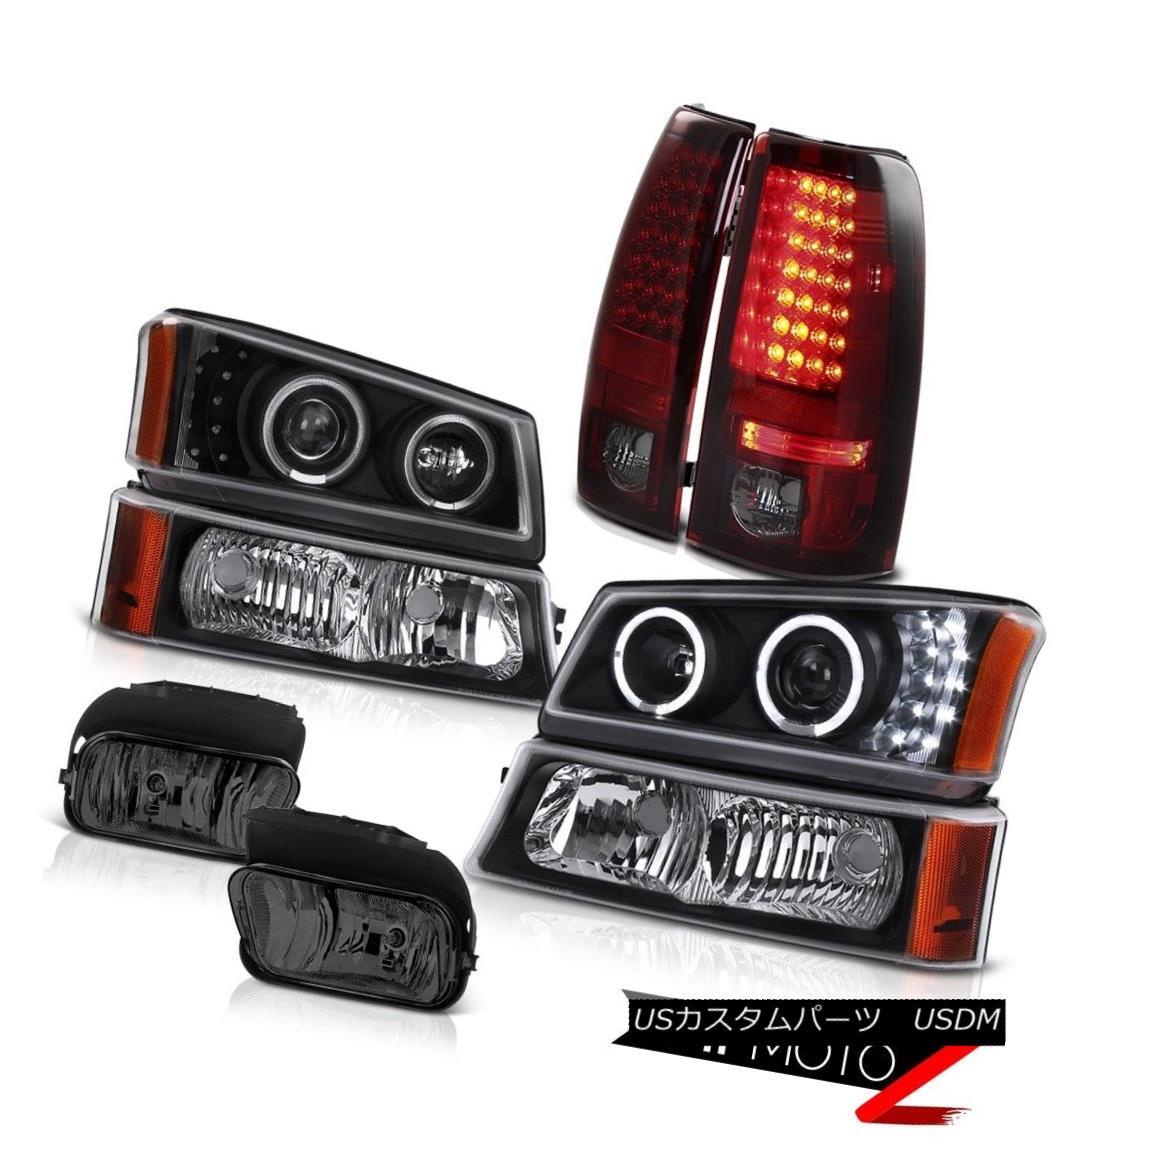 テールライト 03-06 Silverado 2500HD LED Projector Headlights Dark RED Tail Driving Foglights 03-06 Silverado 2500HD LEDプロジェクターヘッドライトダークREDテールドライフォグライト